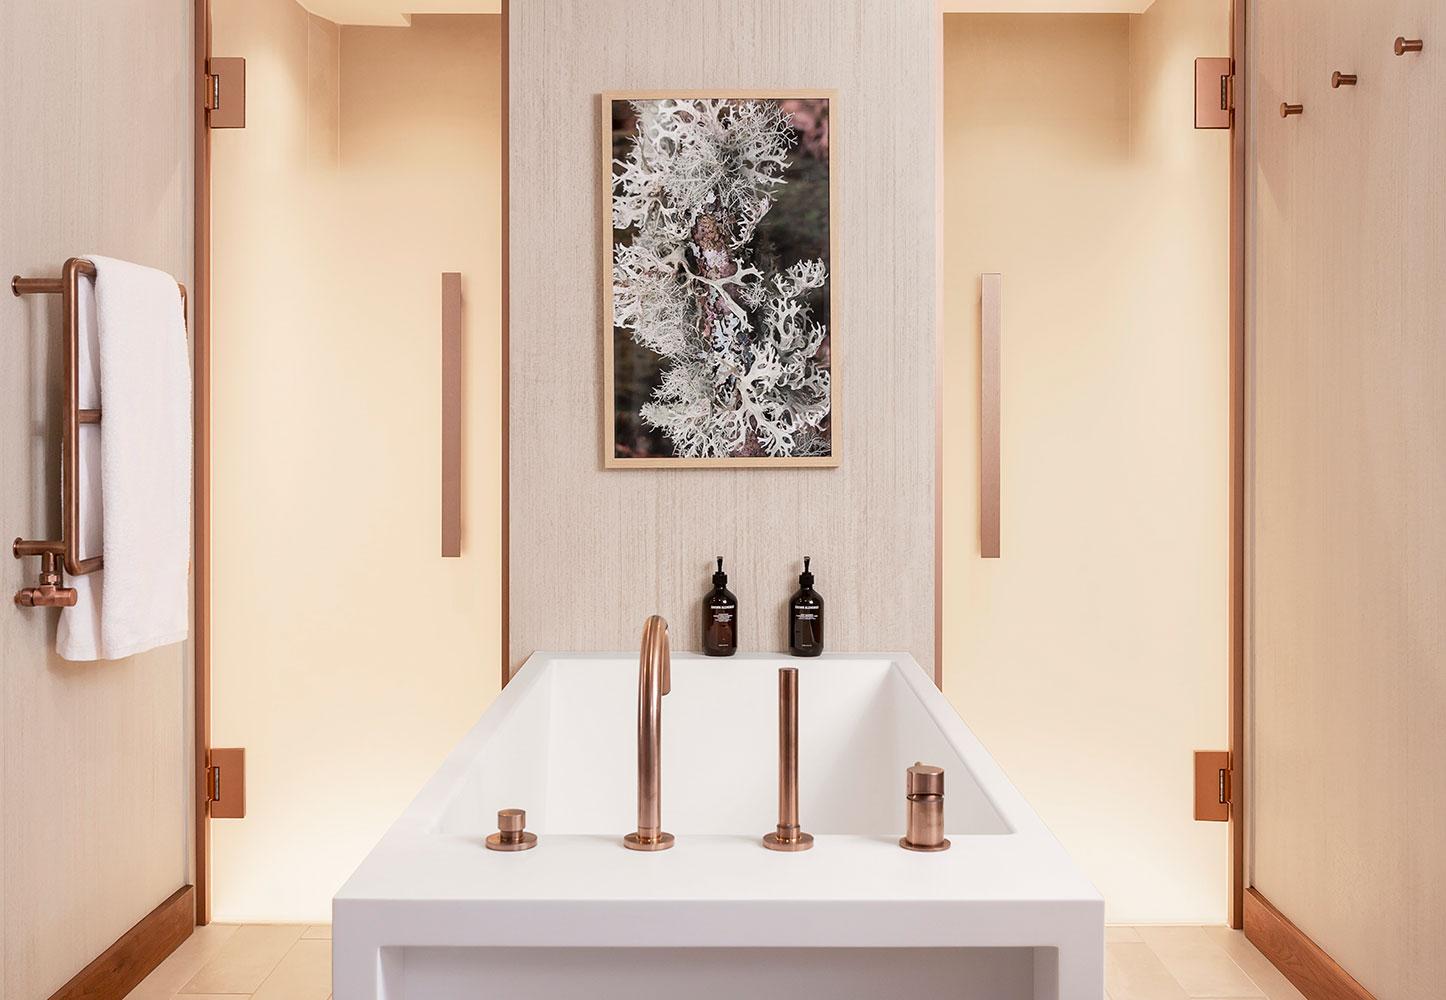 Suite - salle de bains avec baignoire centrale